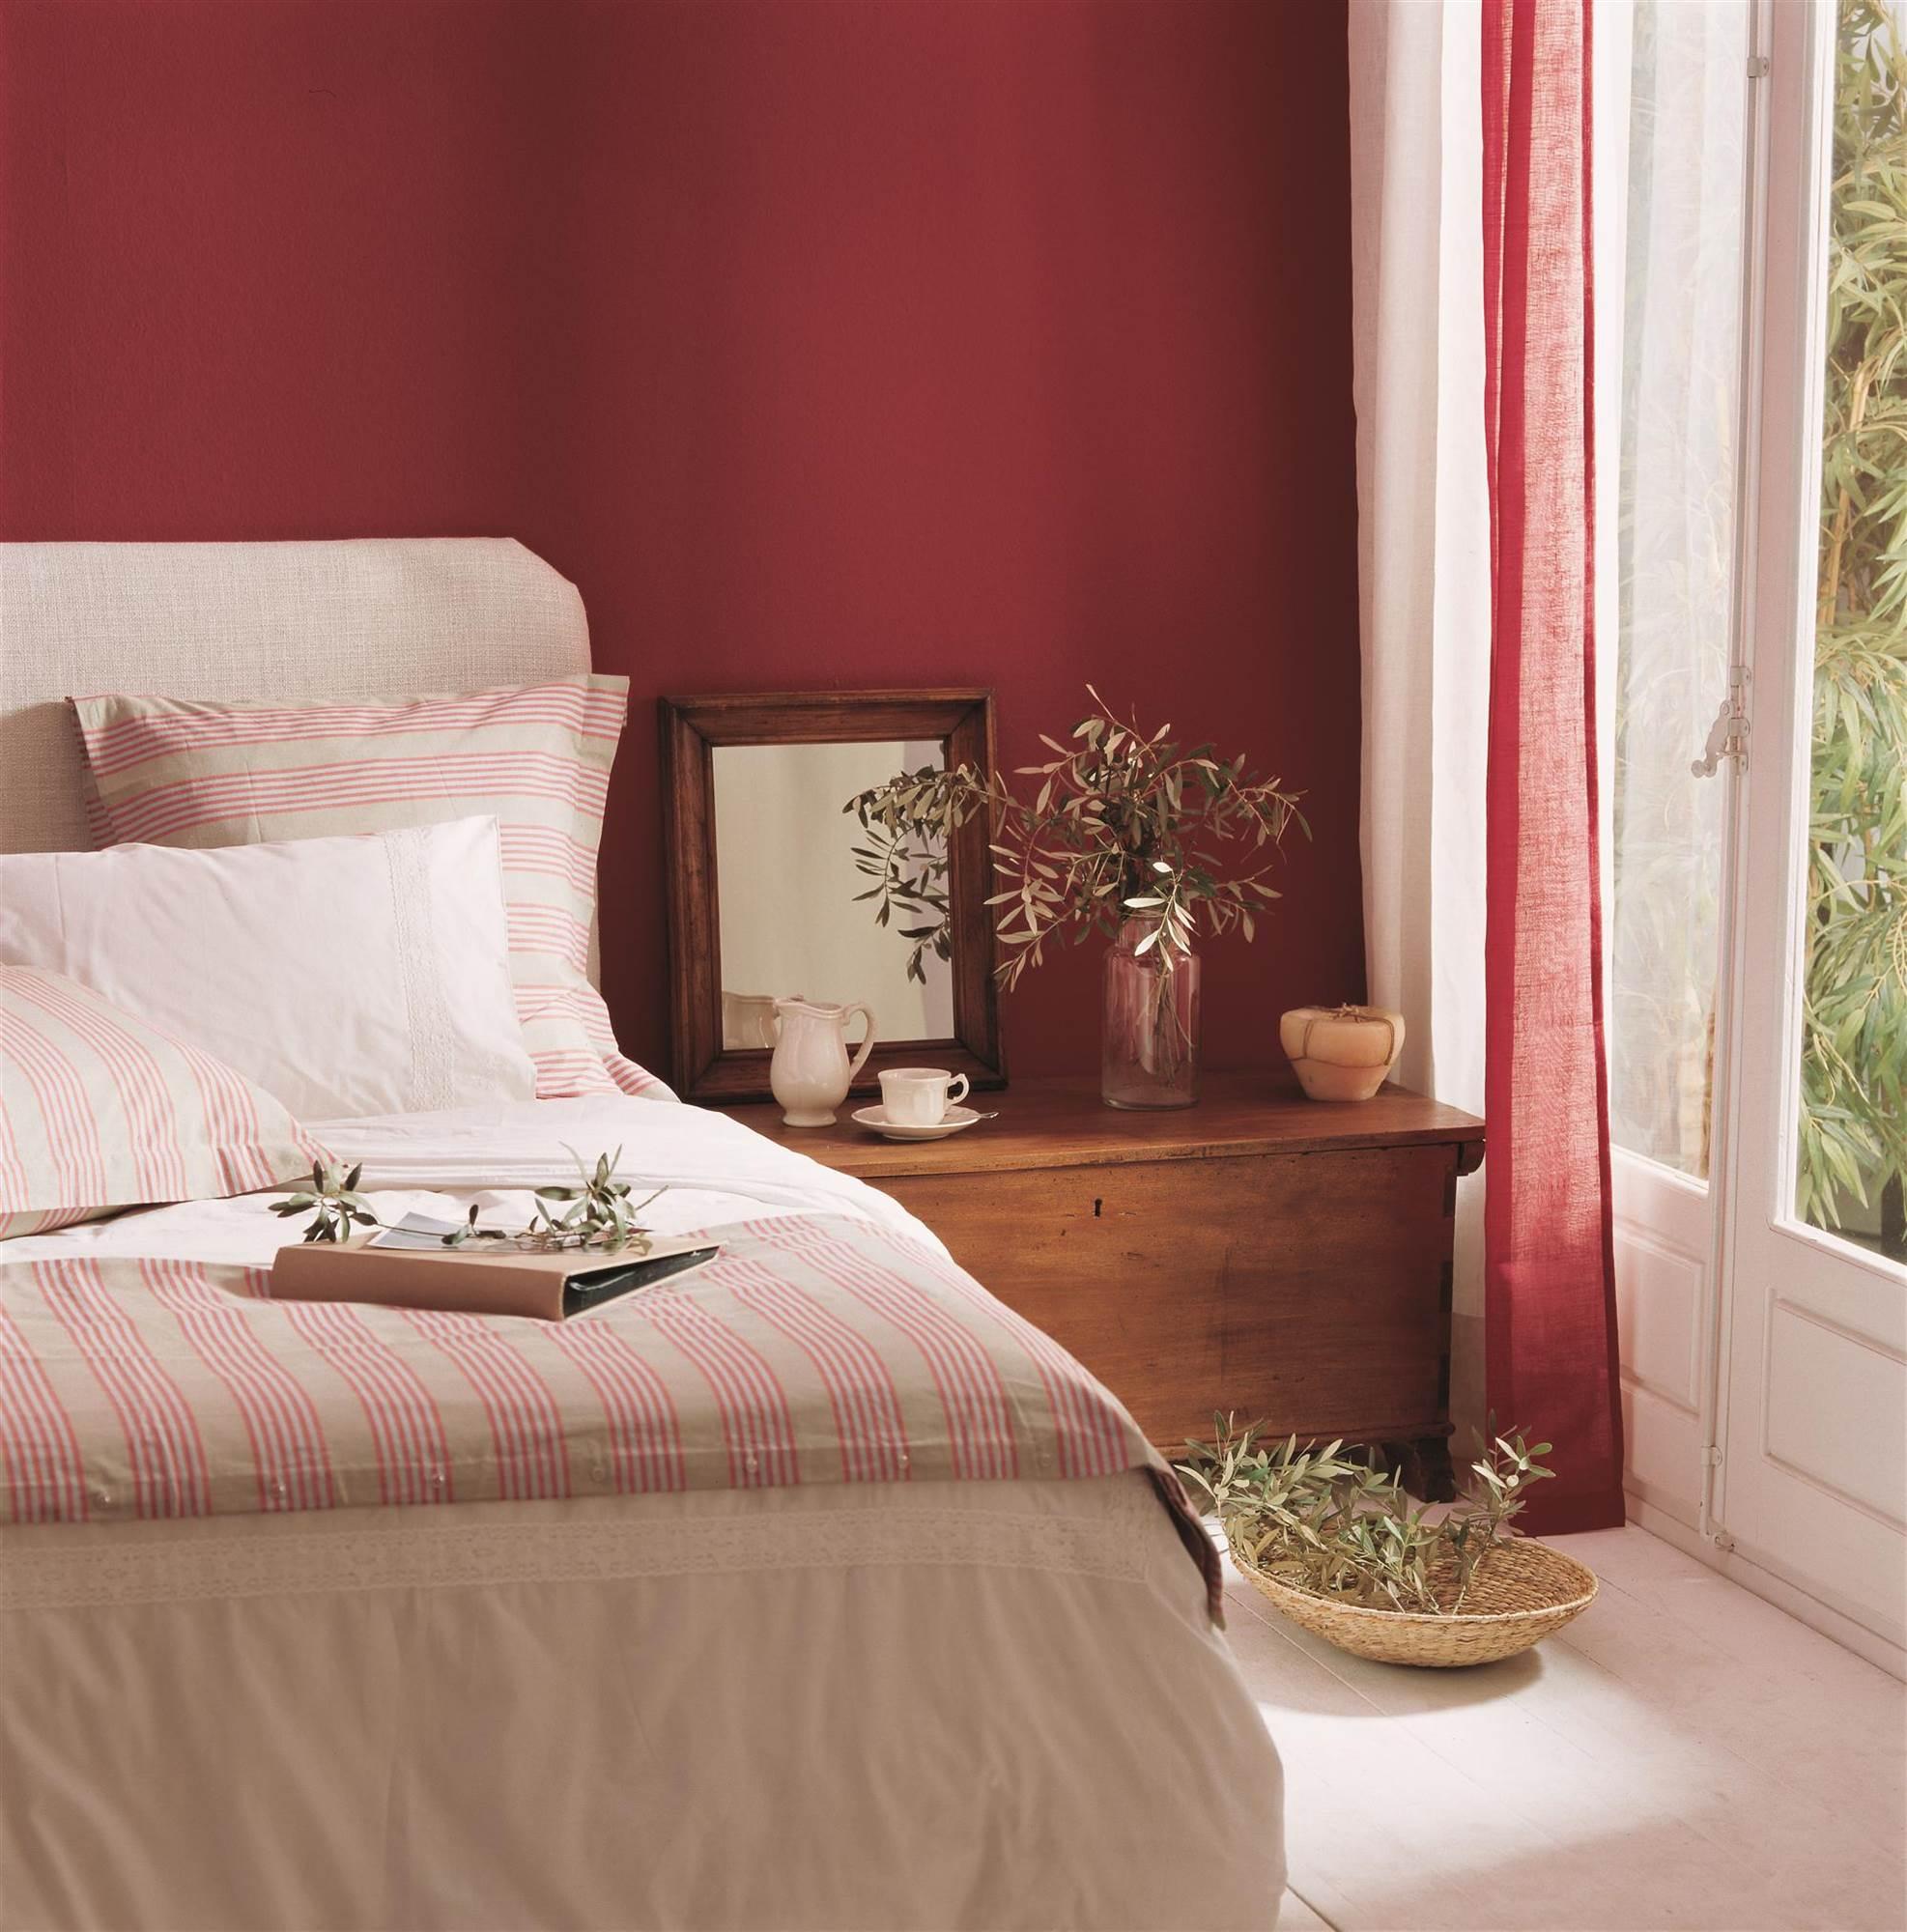 d28d161eaca75a Dormitorio con la pared del cabecero pintada de rojo mate. Fuerte, pero  acogedor